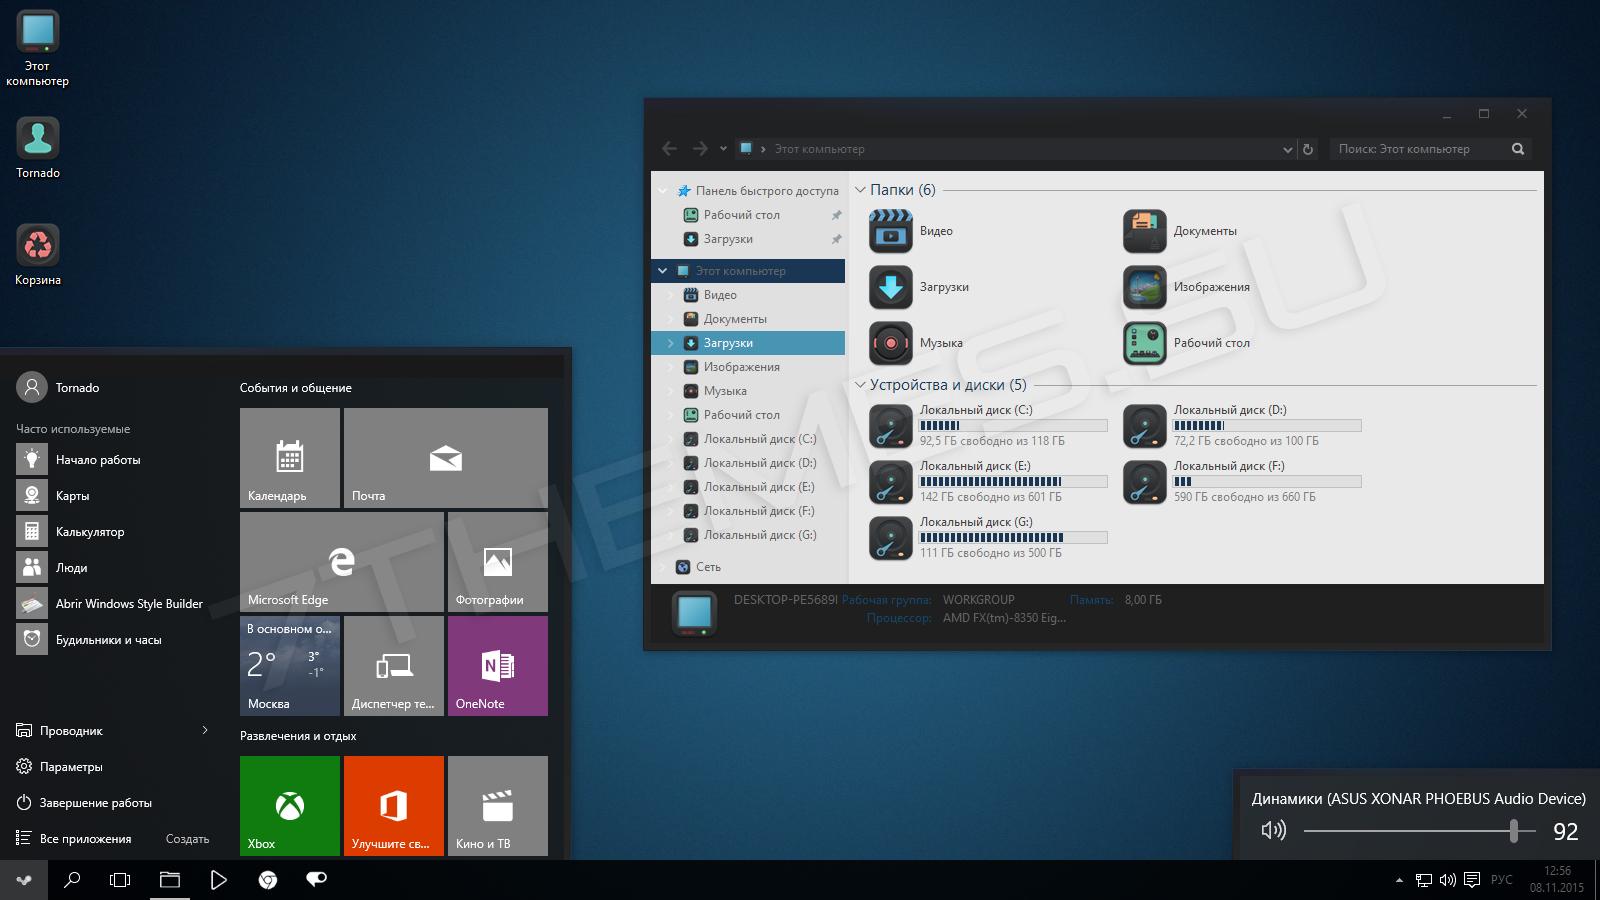 Программу персонализация для windows 7 с торрента